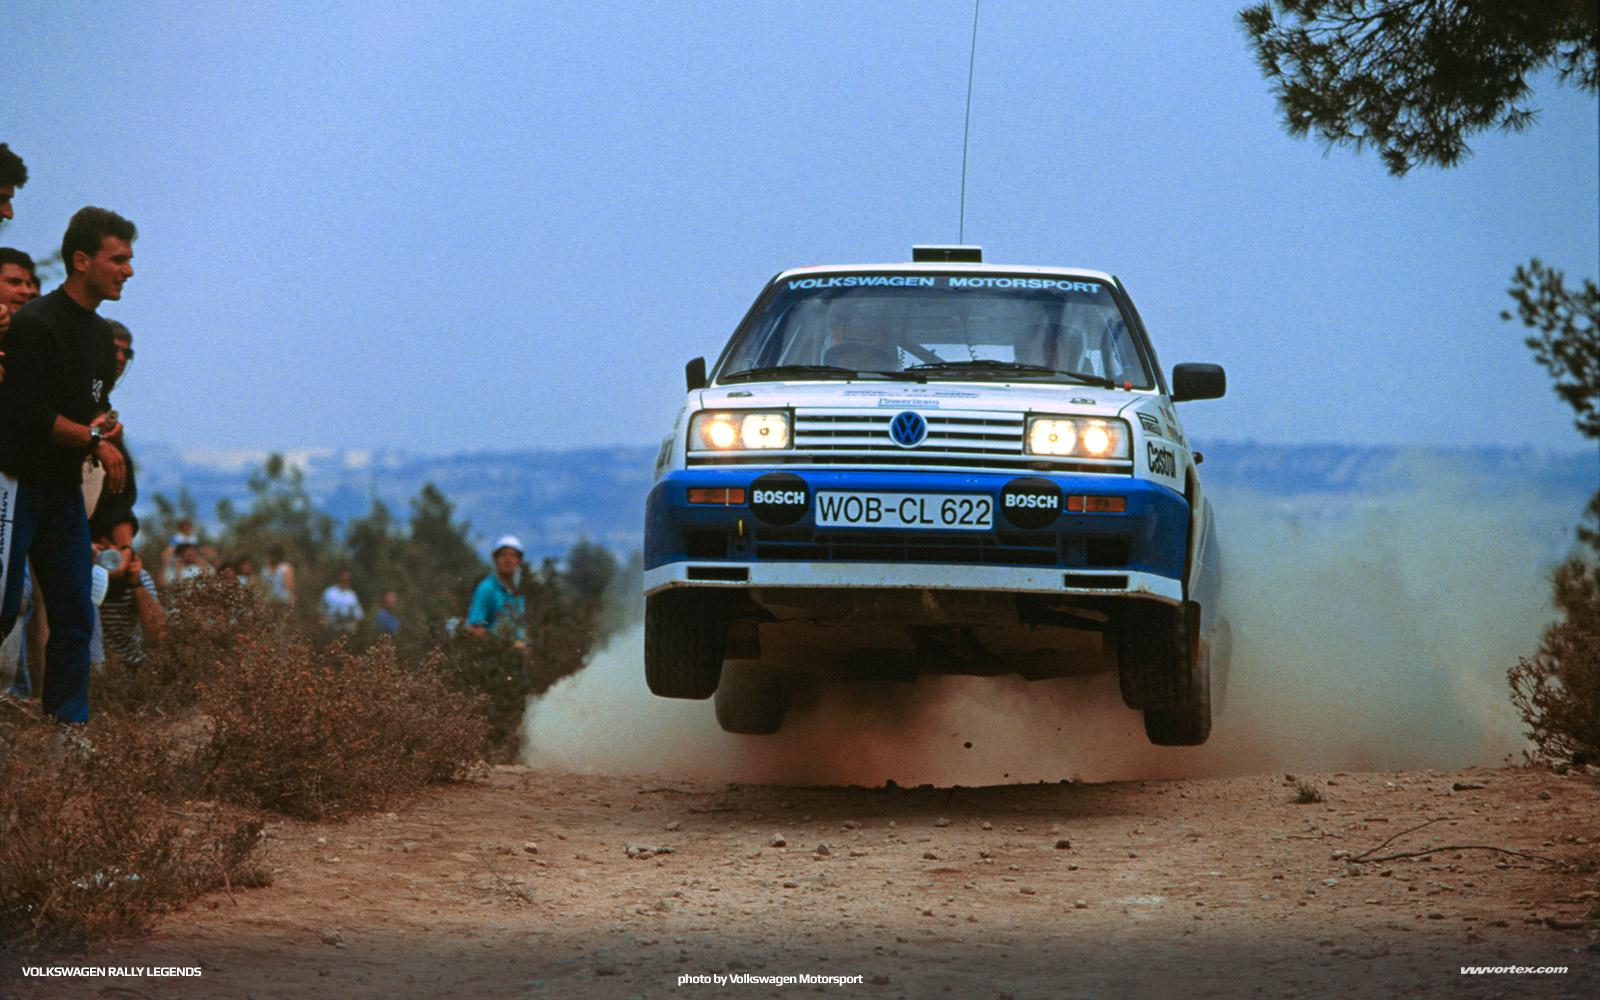 volkswagen-rally-legends-372